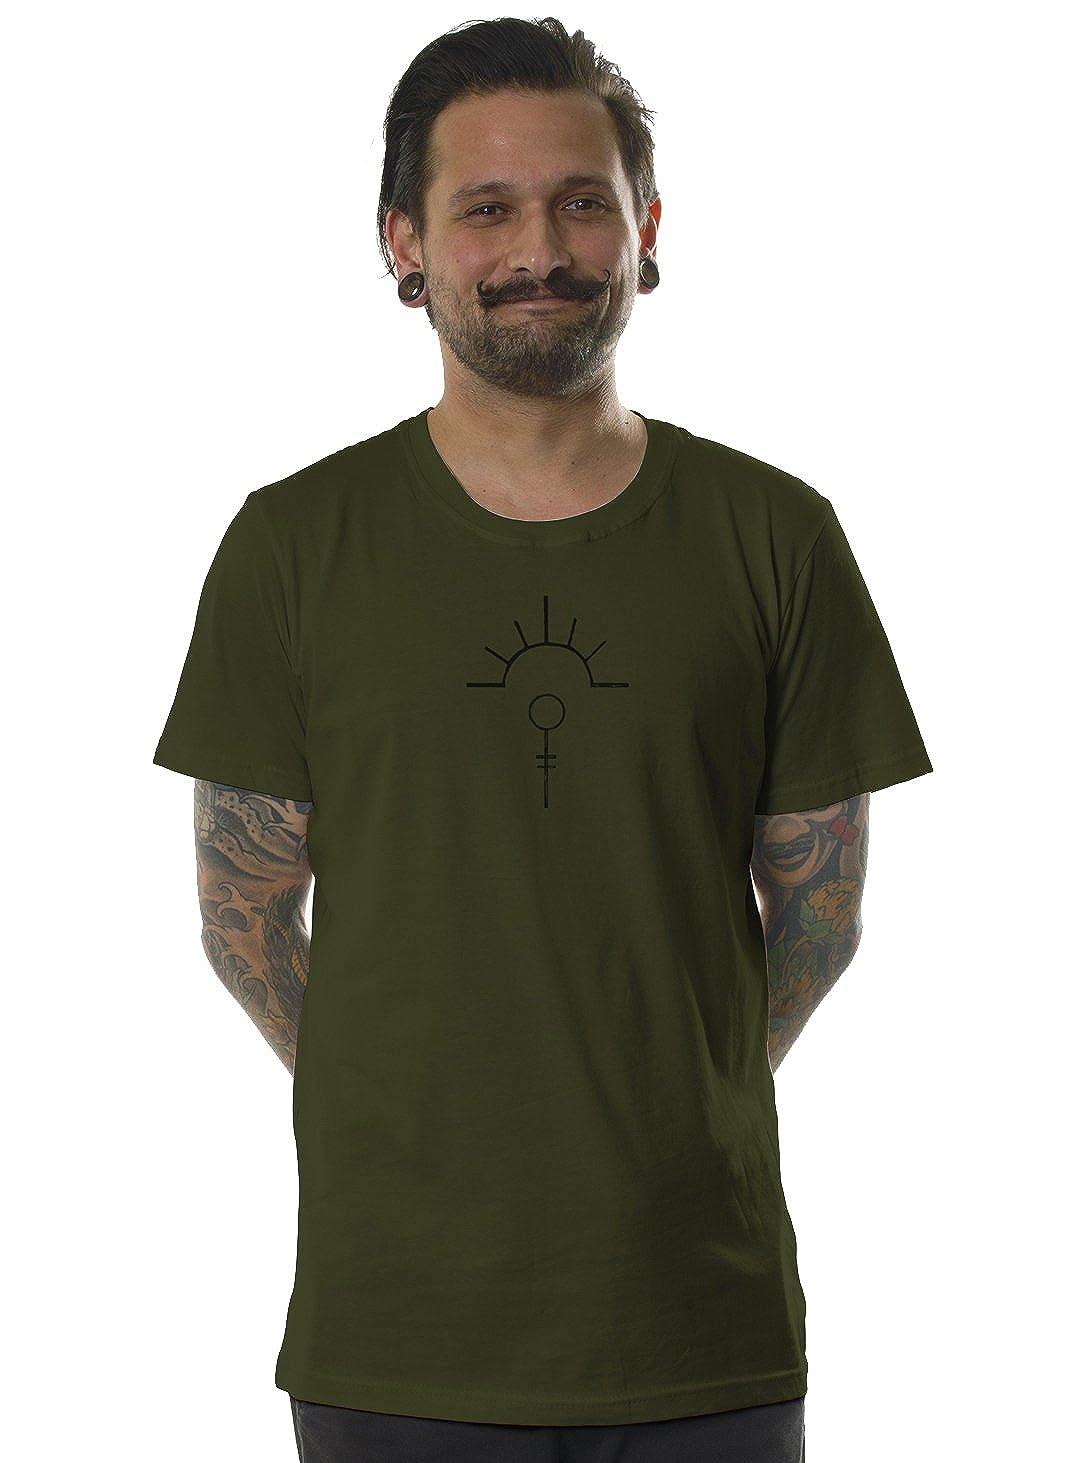 Qualità Fit In T Regular Psychedelic Street Habit Shirt Mushroom CodBxreW